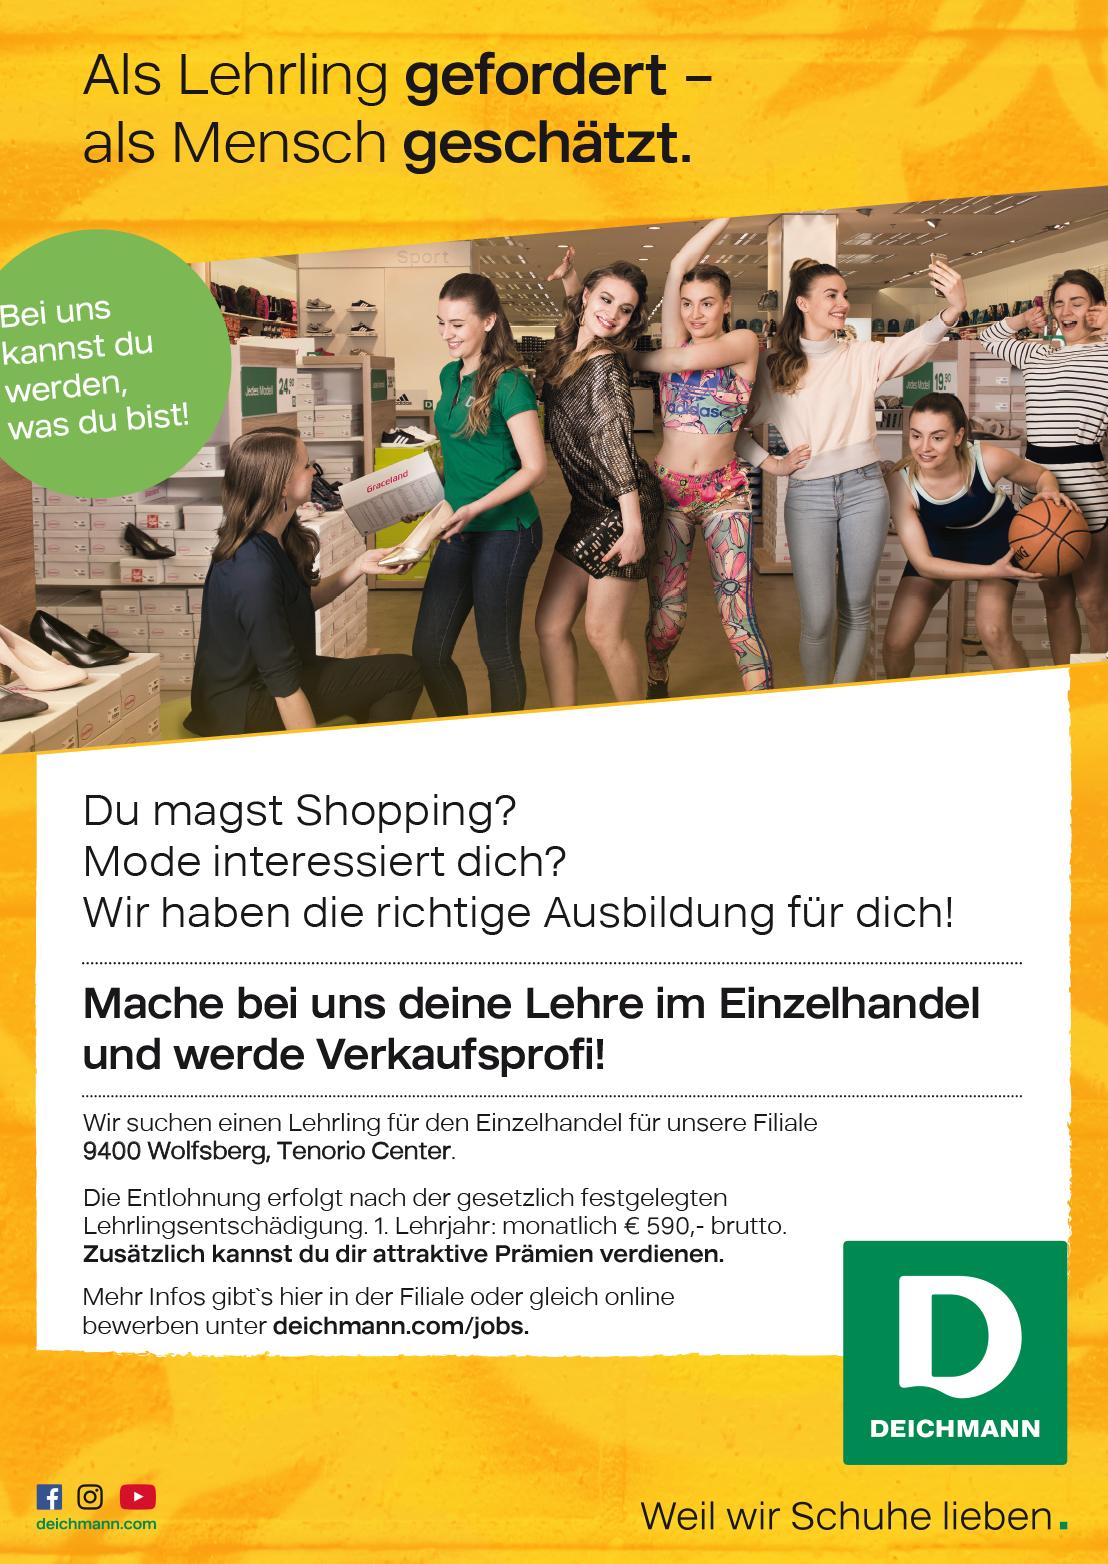 2018 07 deichmann lehrling - Deichmann Bewerbung